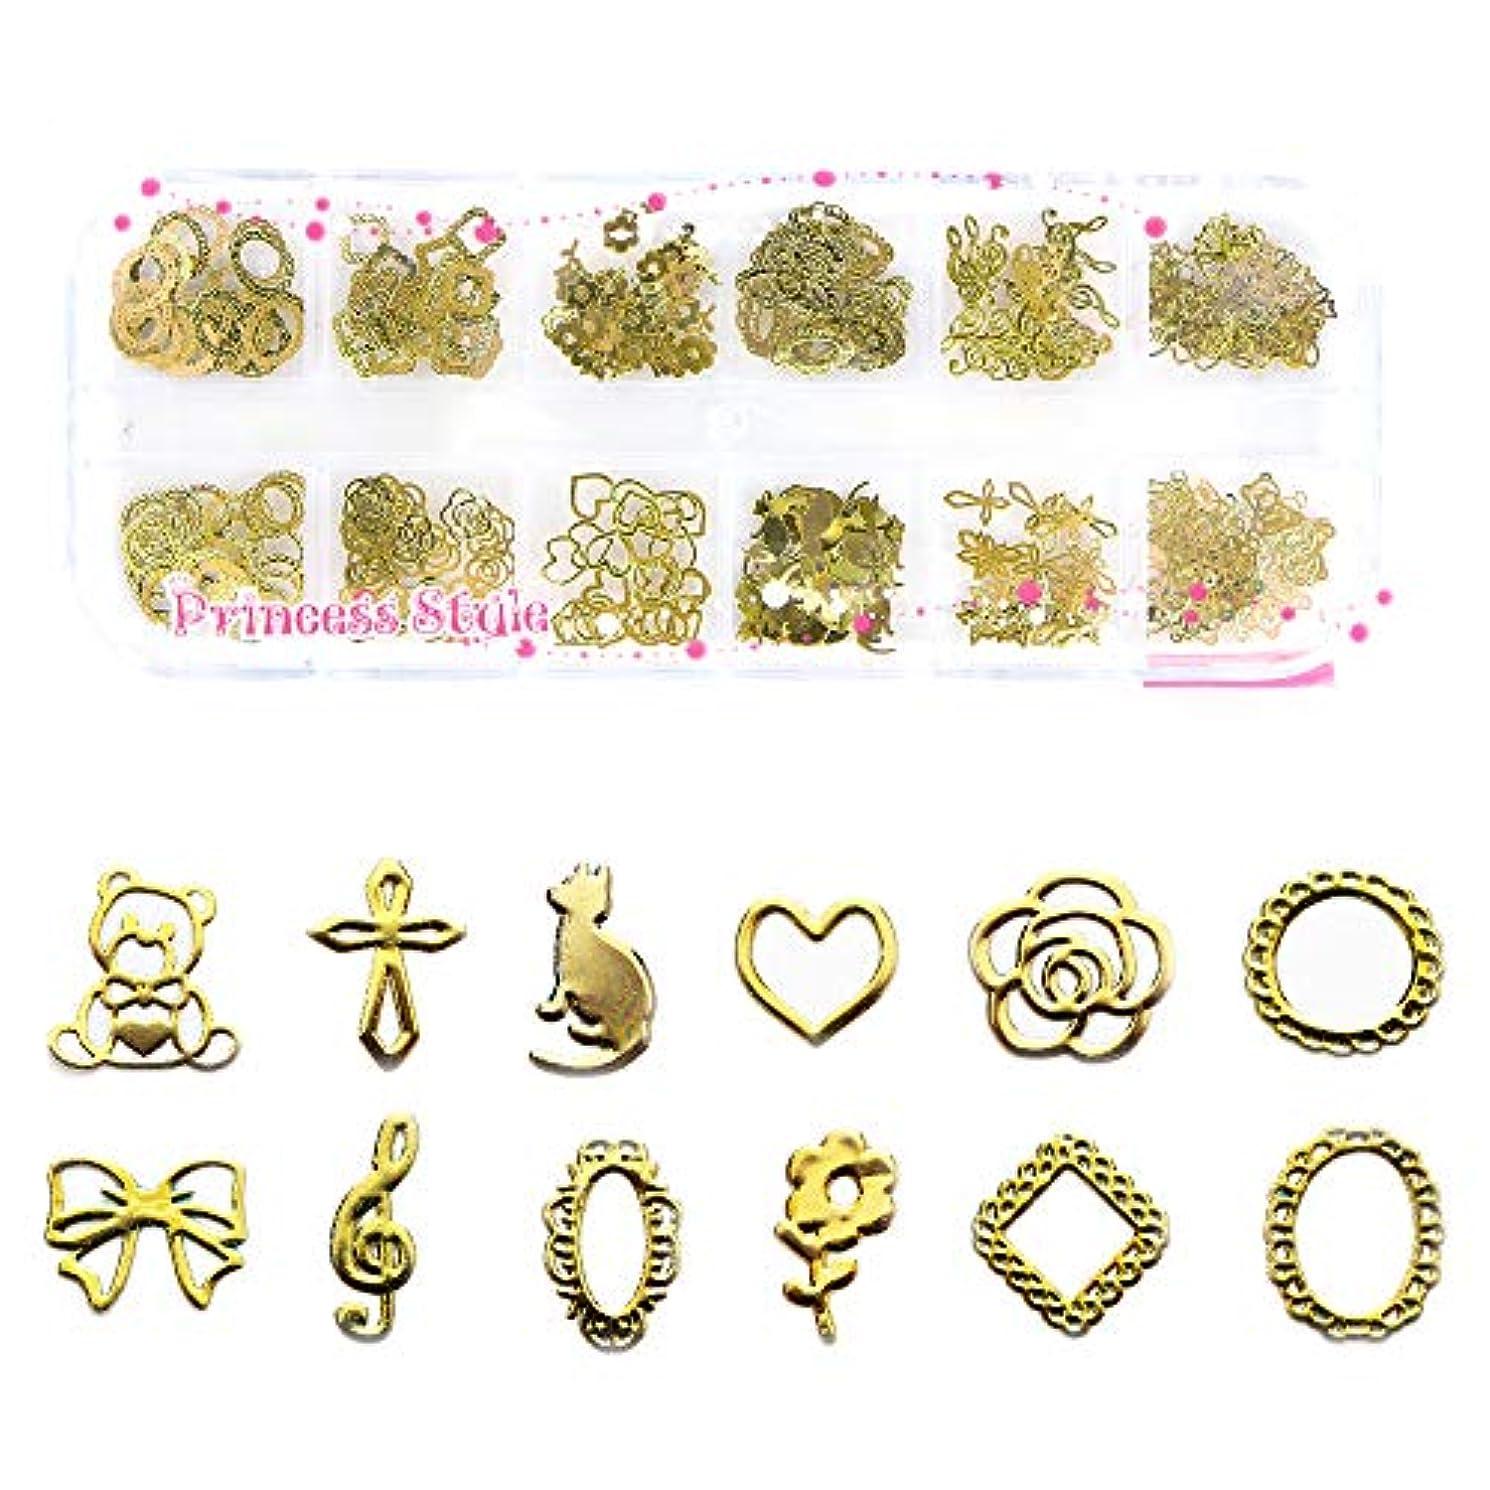 ダブルプリーツタイプライター薄型アートパーツゴールド ネイル&レジン用 12種類300枚以上ケース入